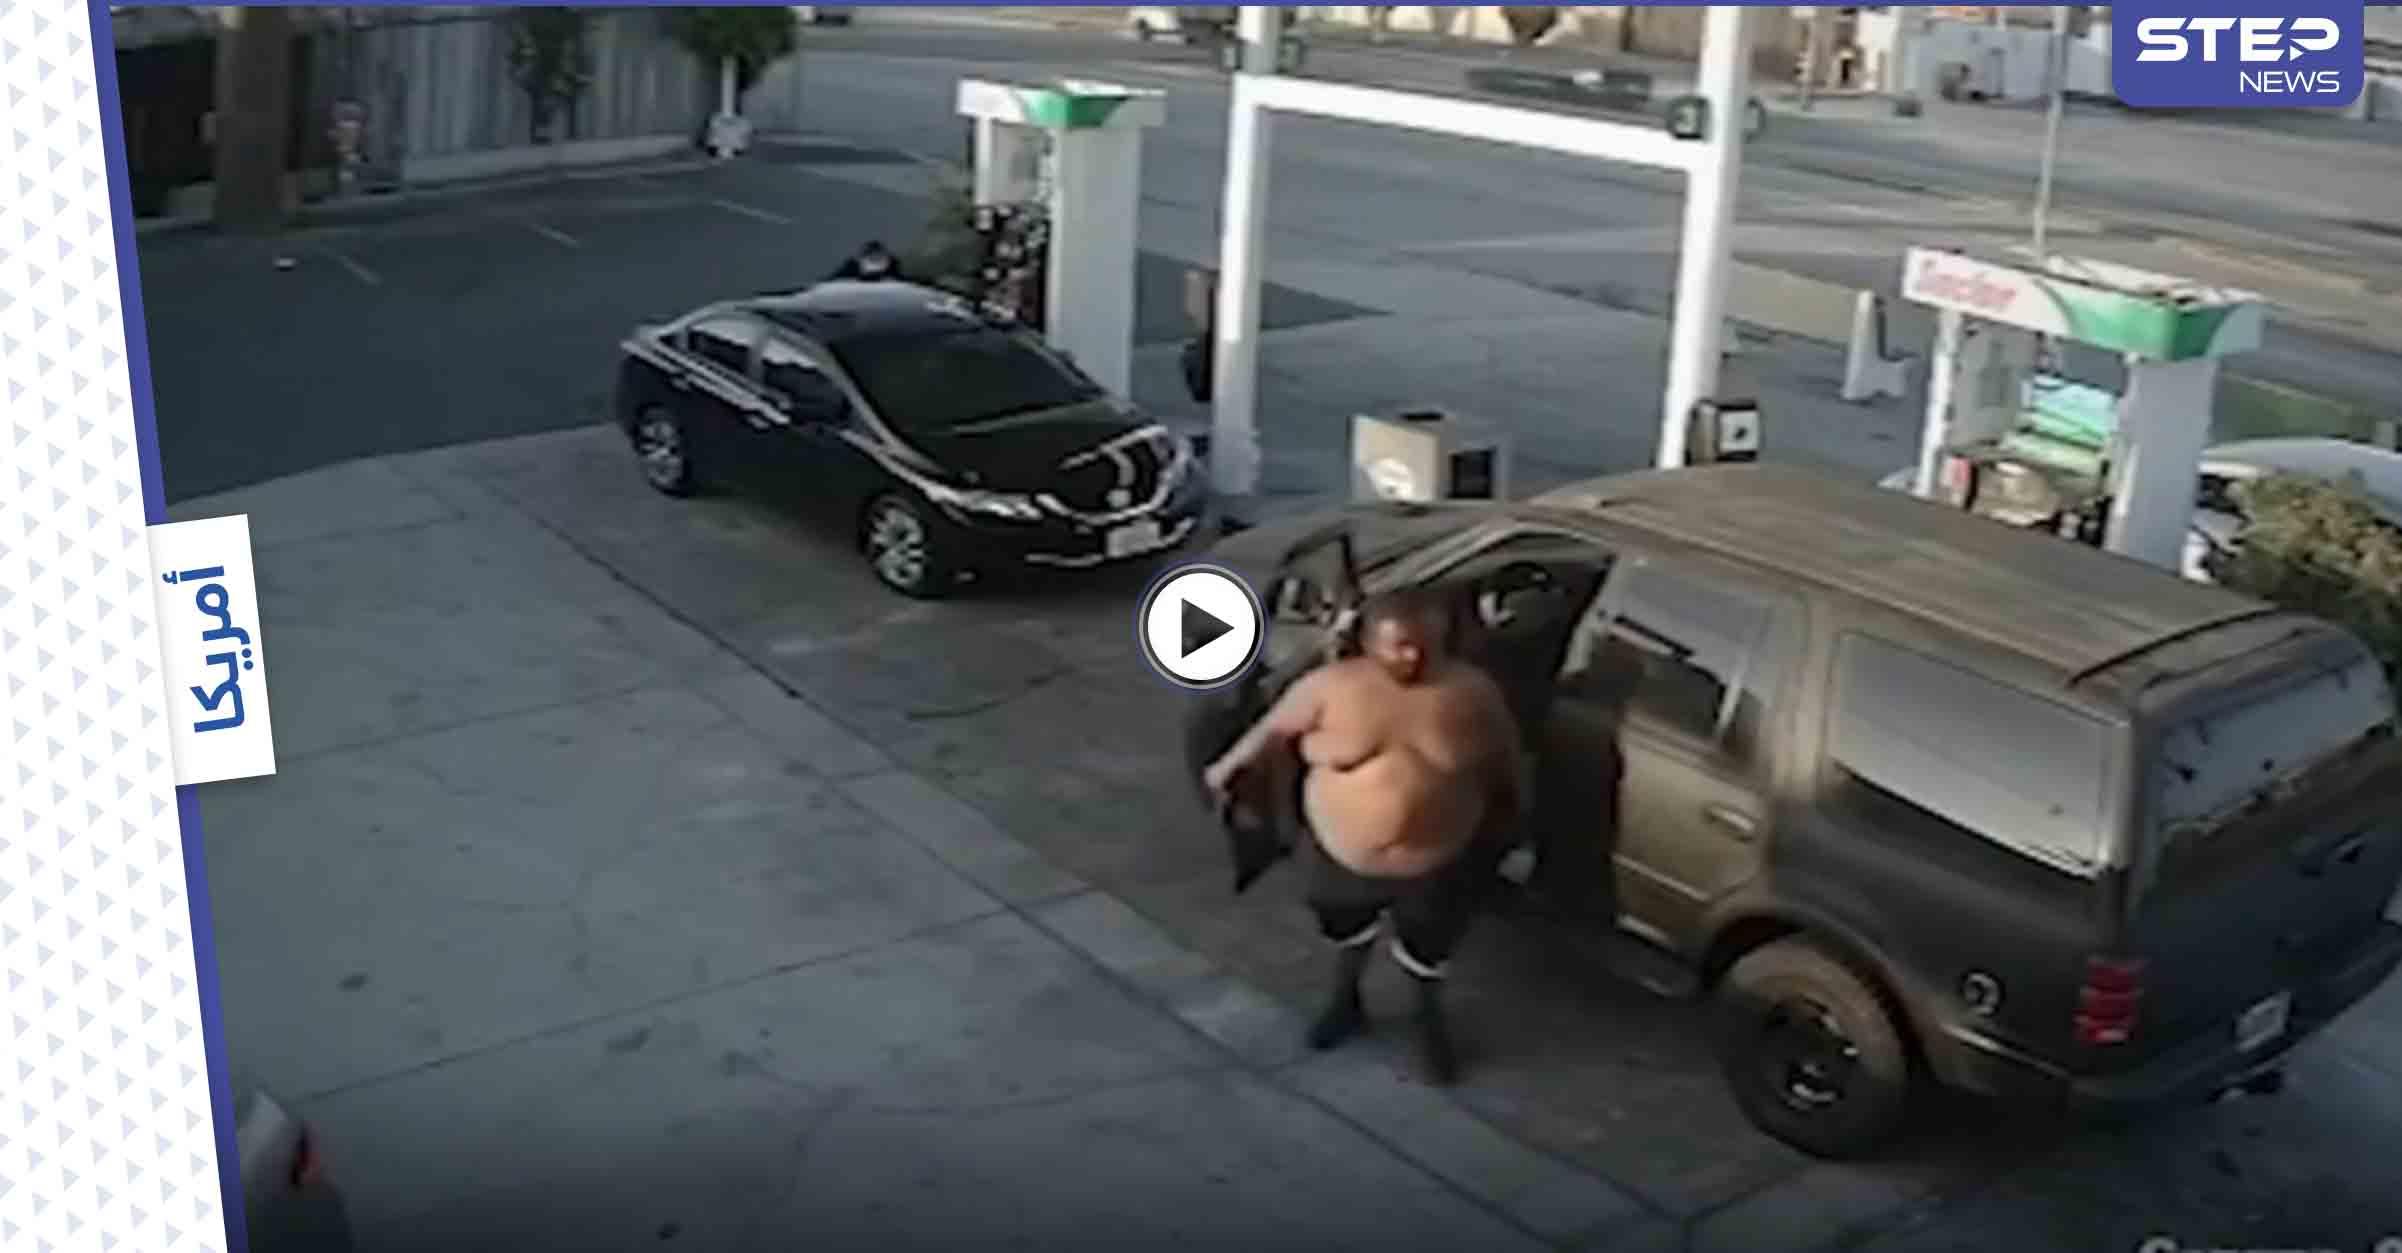 بالفيديو   رجل إفريقي ضخم يضرب امرأة ويسحلها من شعرها في لوس أنجلوس دون سابق إنذار